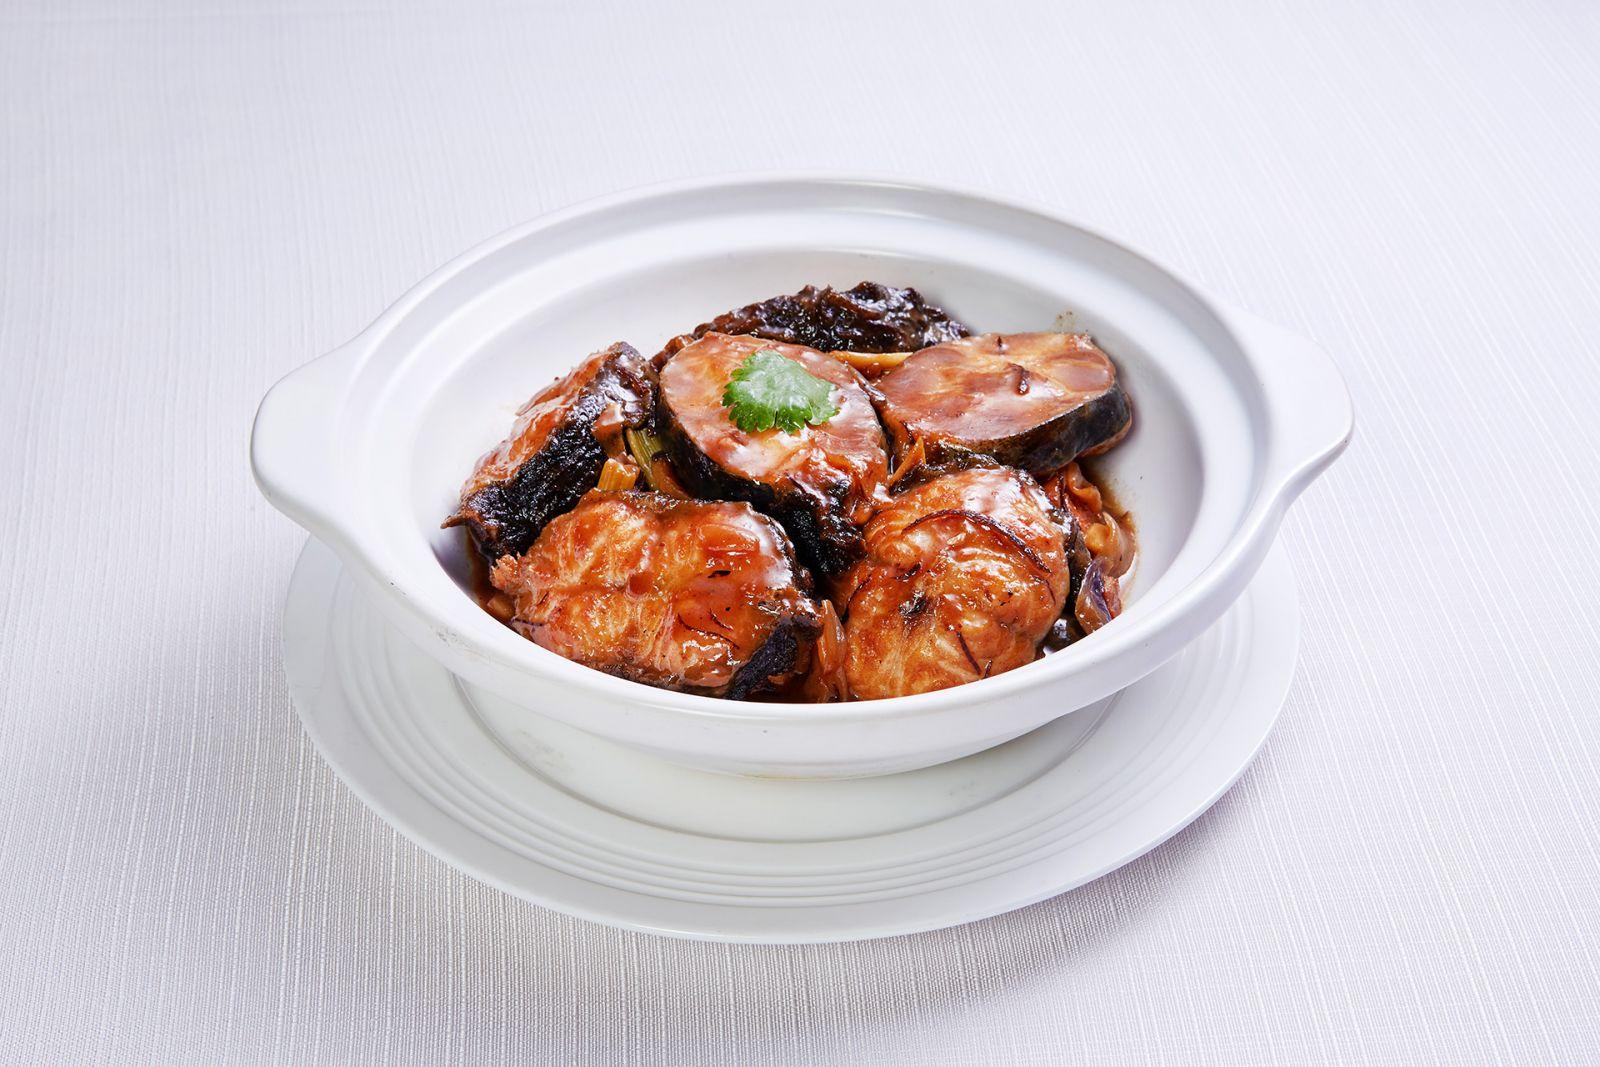 高雄國賓大飯店粵菜廳蒜子燒鱸鰻